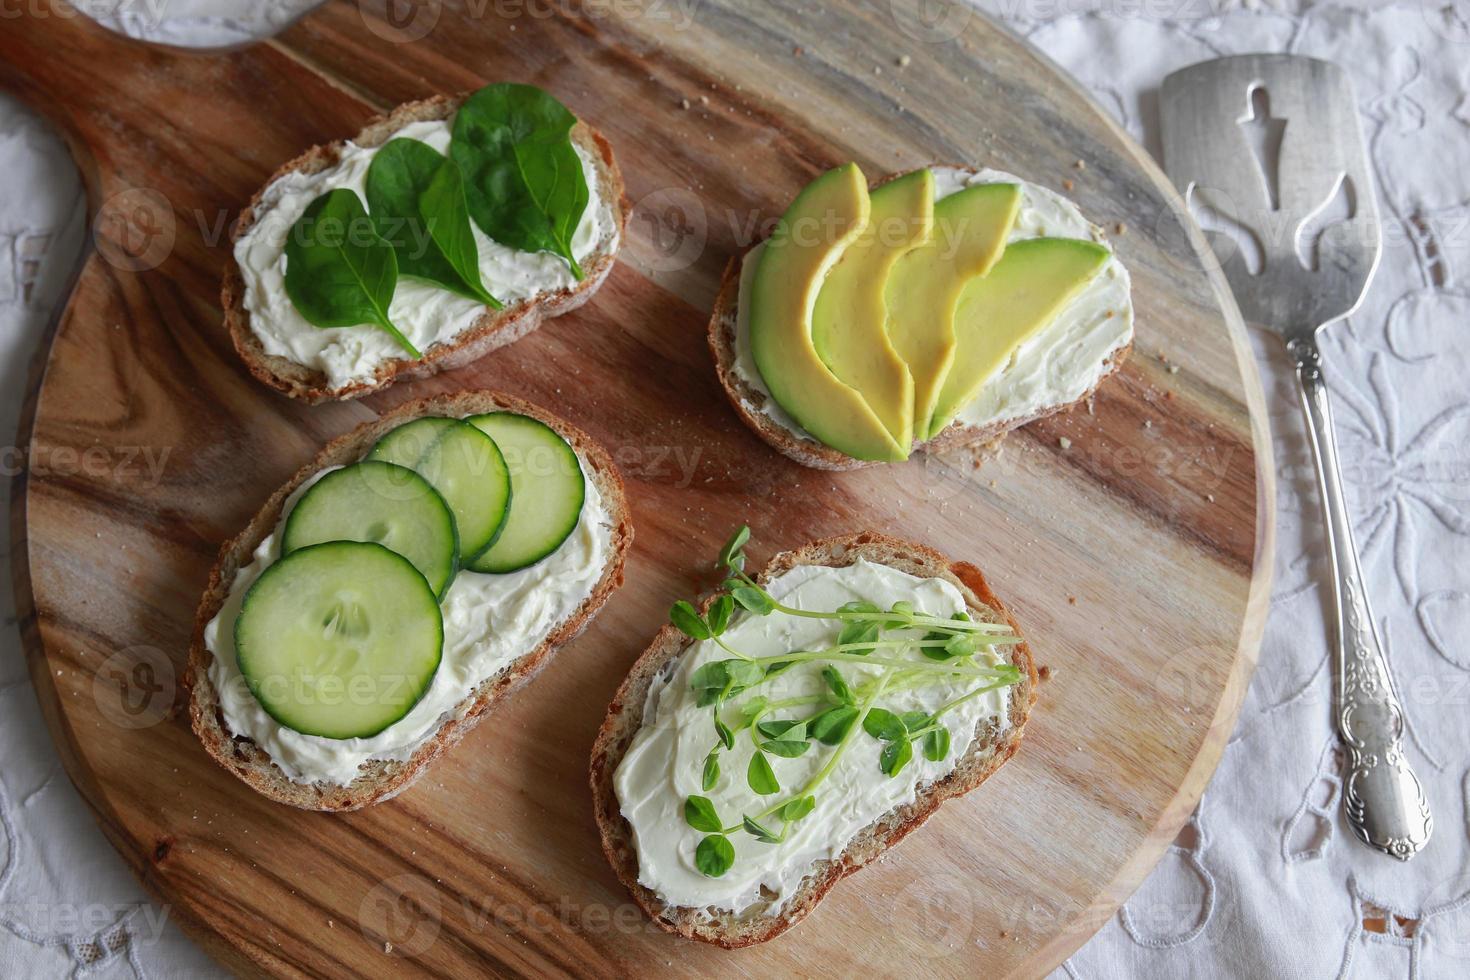 Green sourdough open face sandwiches photo